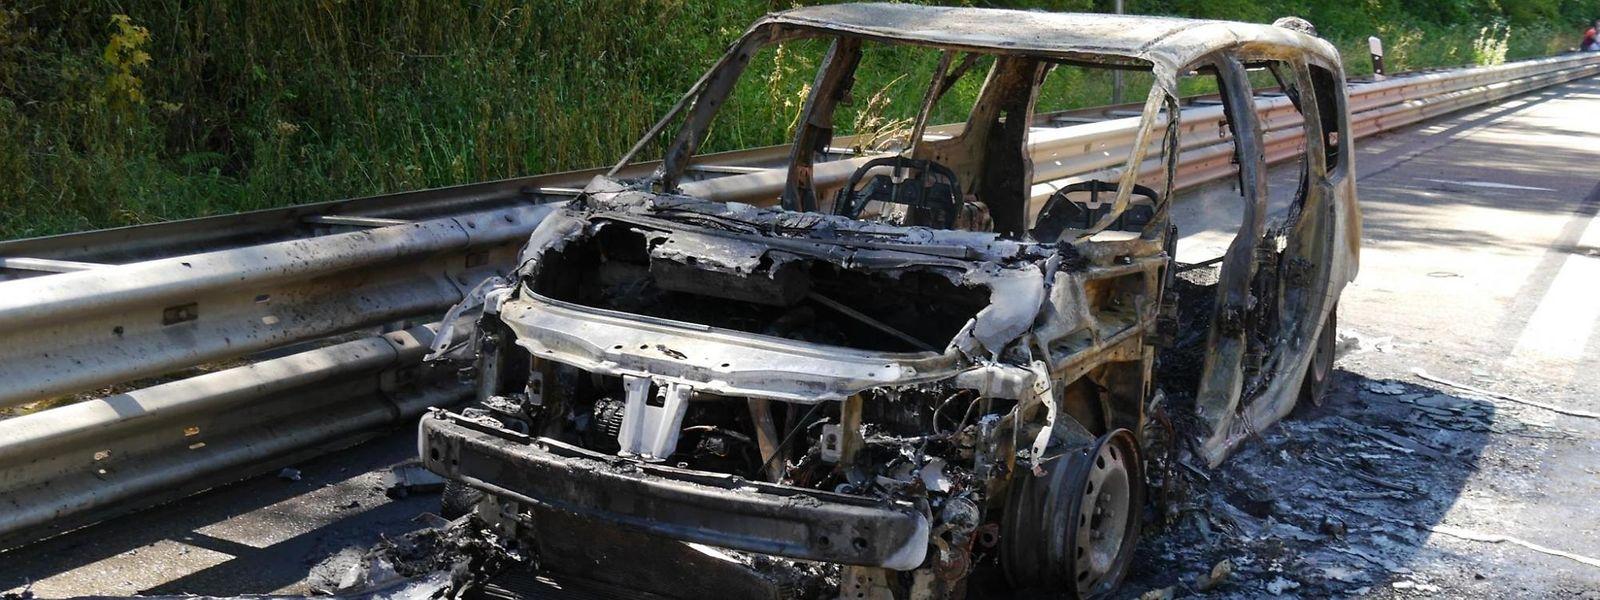 Das Auto ist auf dem Autobahnteil zwischen Trier und Trier-Ehrang vollständig ausgebrannt.